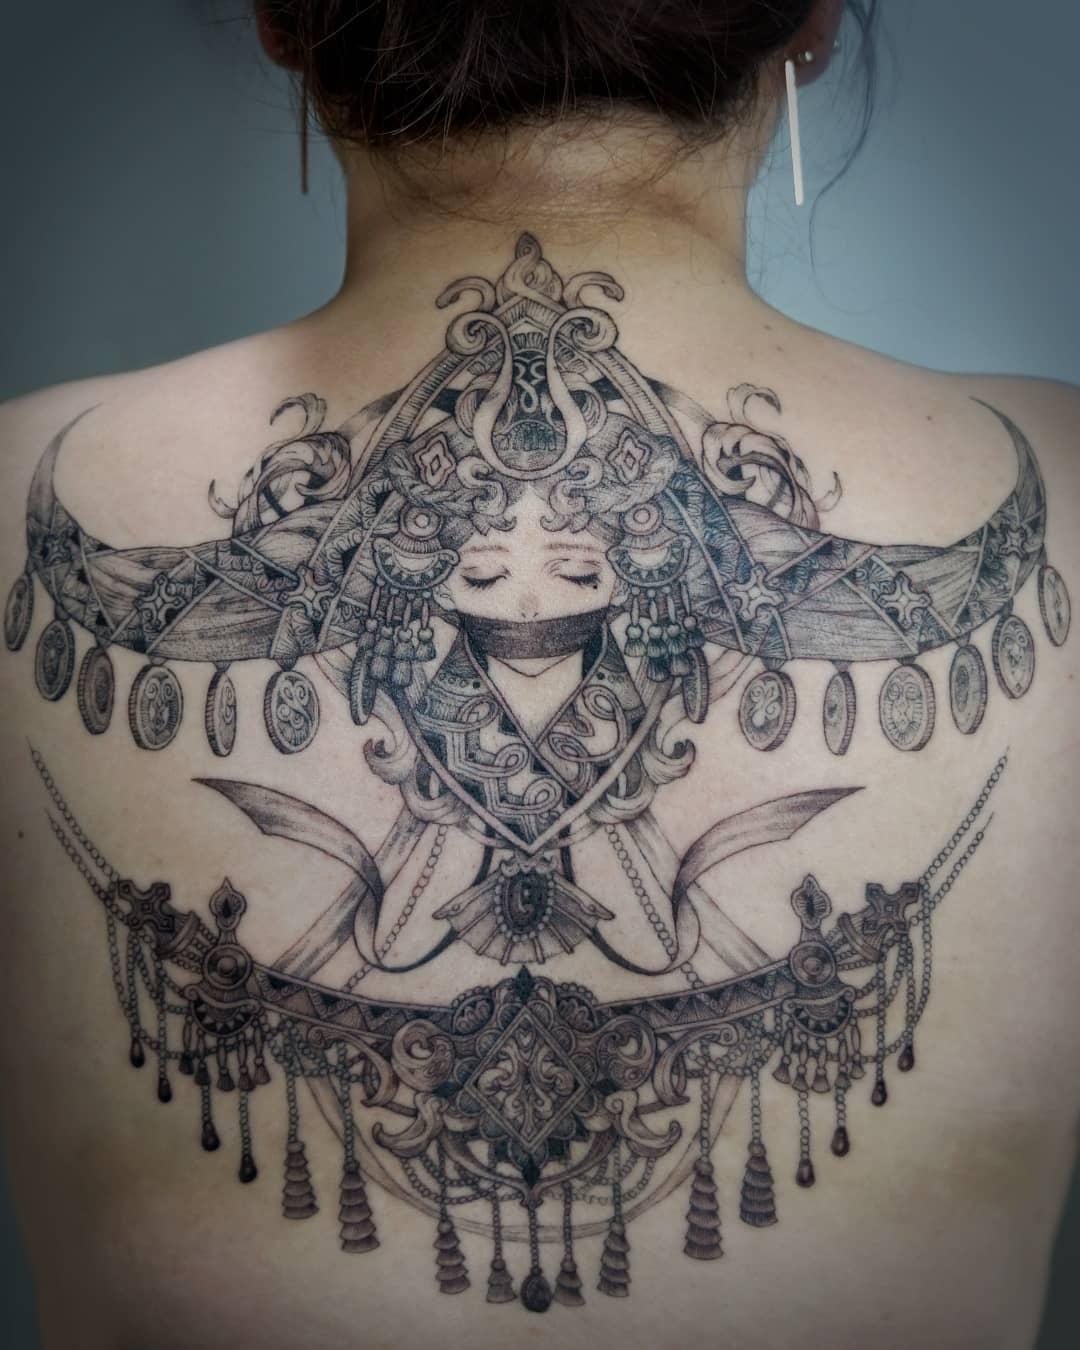 Художница ушла из игровой индустрии, чтобы набивать эпичные татуировки